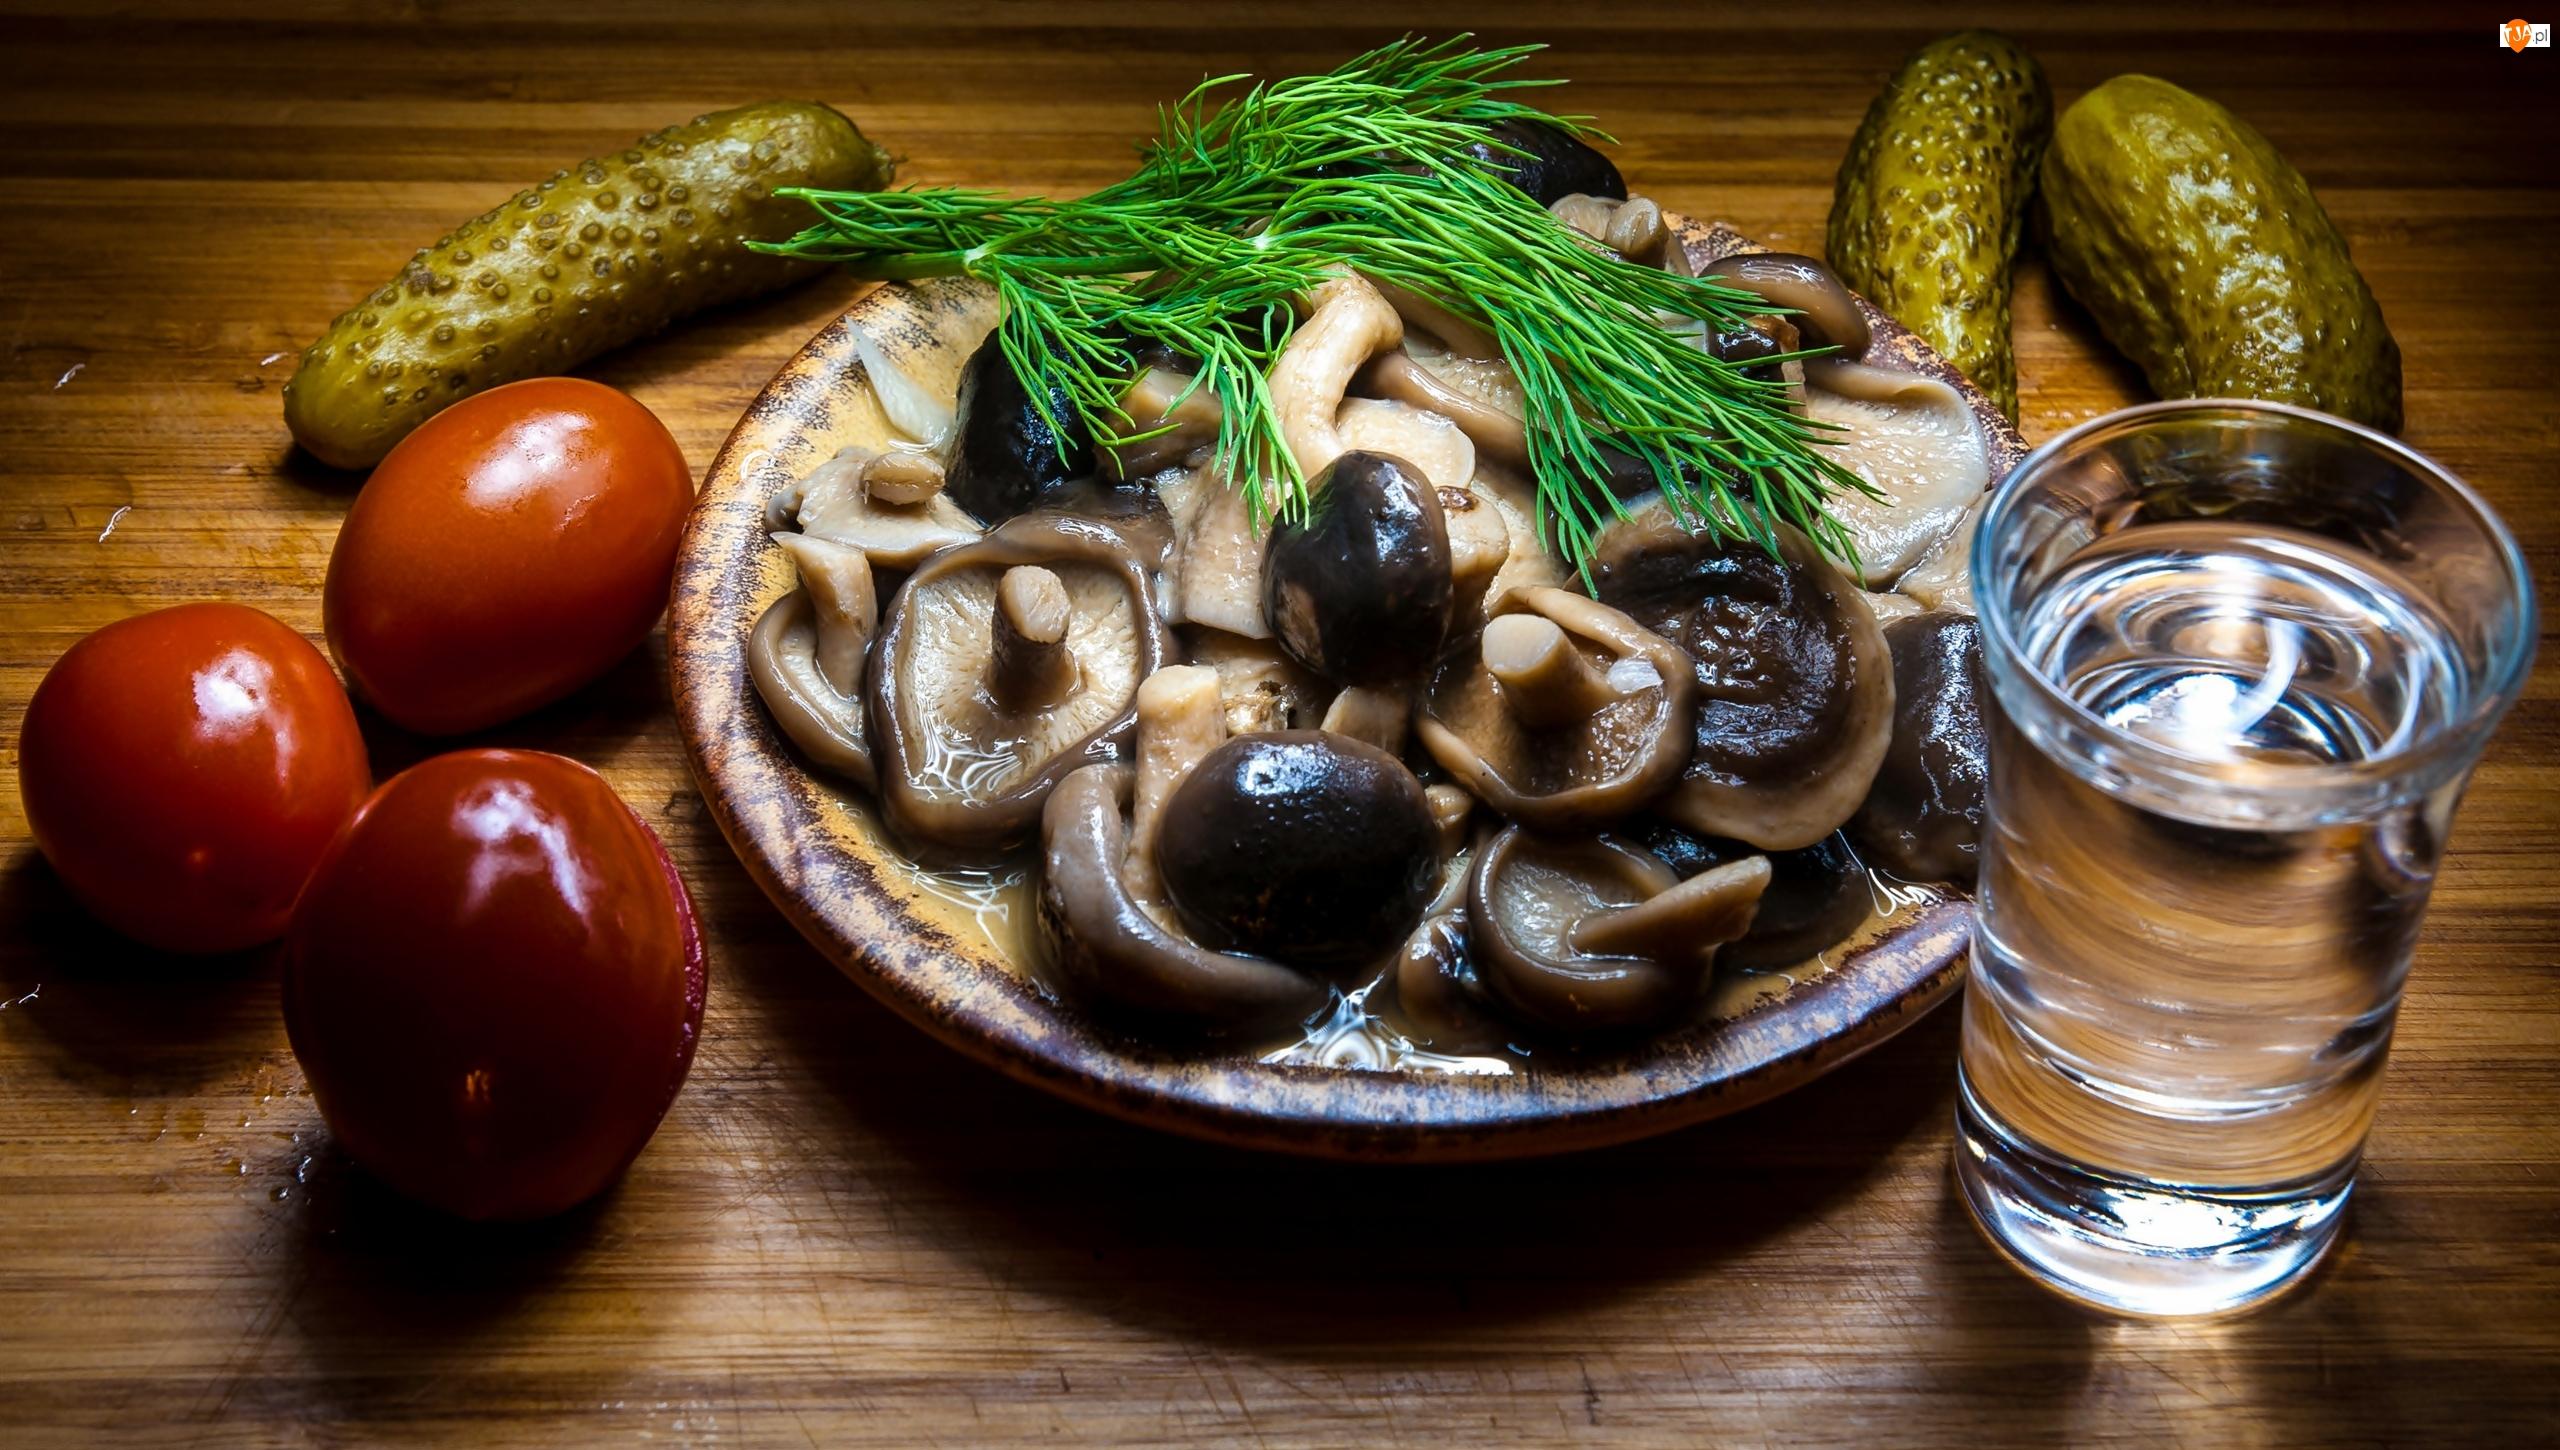 Grzyby, Talerz, Szklanka, Marynowane, Ogórki, Pomidory, Koperek